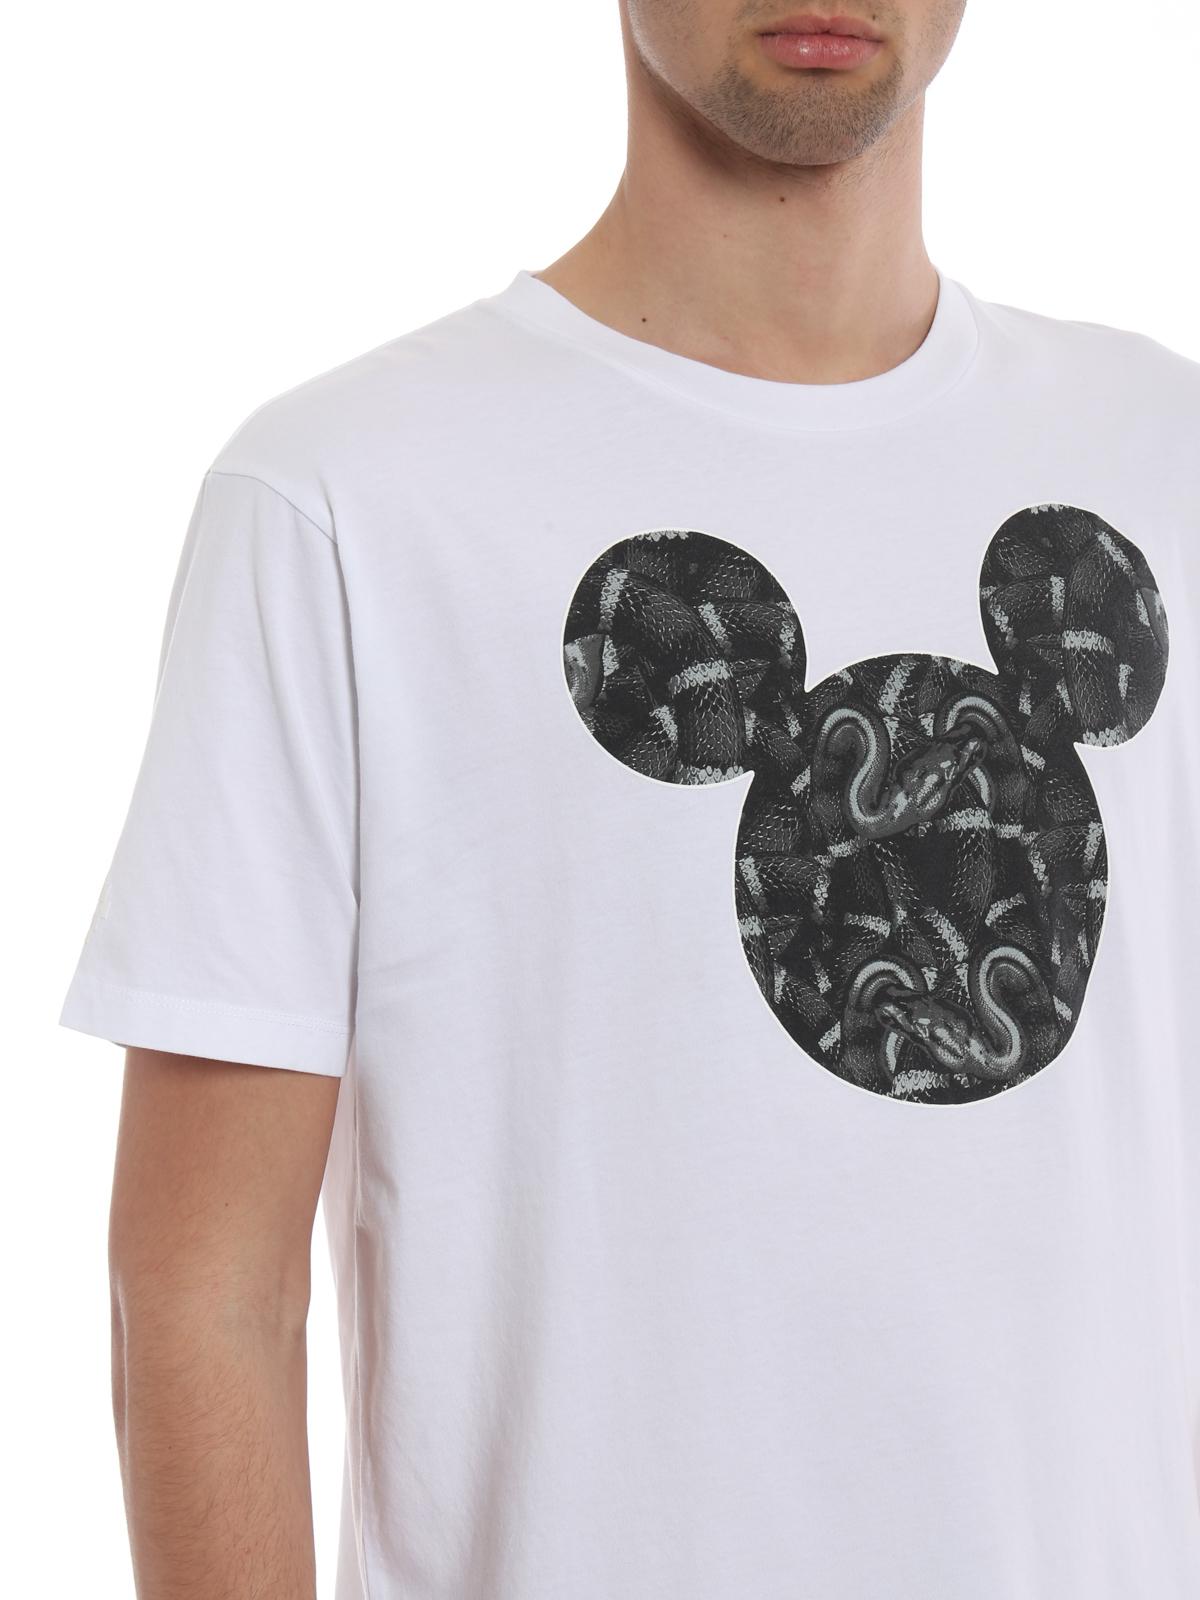 Marcelo Burlon - Camiseta - Mickey Mouse Snakes - Camisetas ...